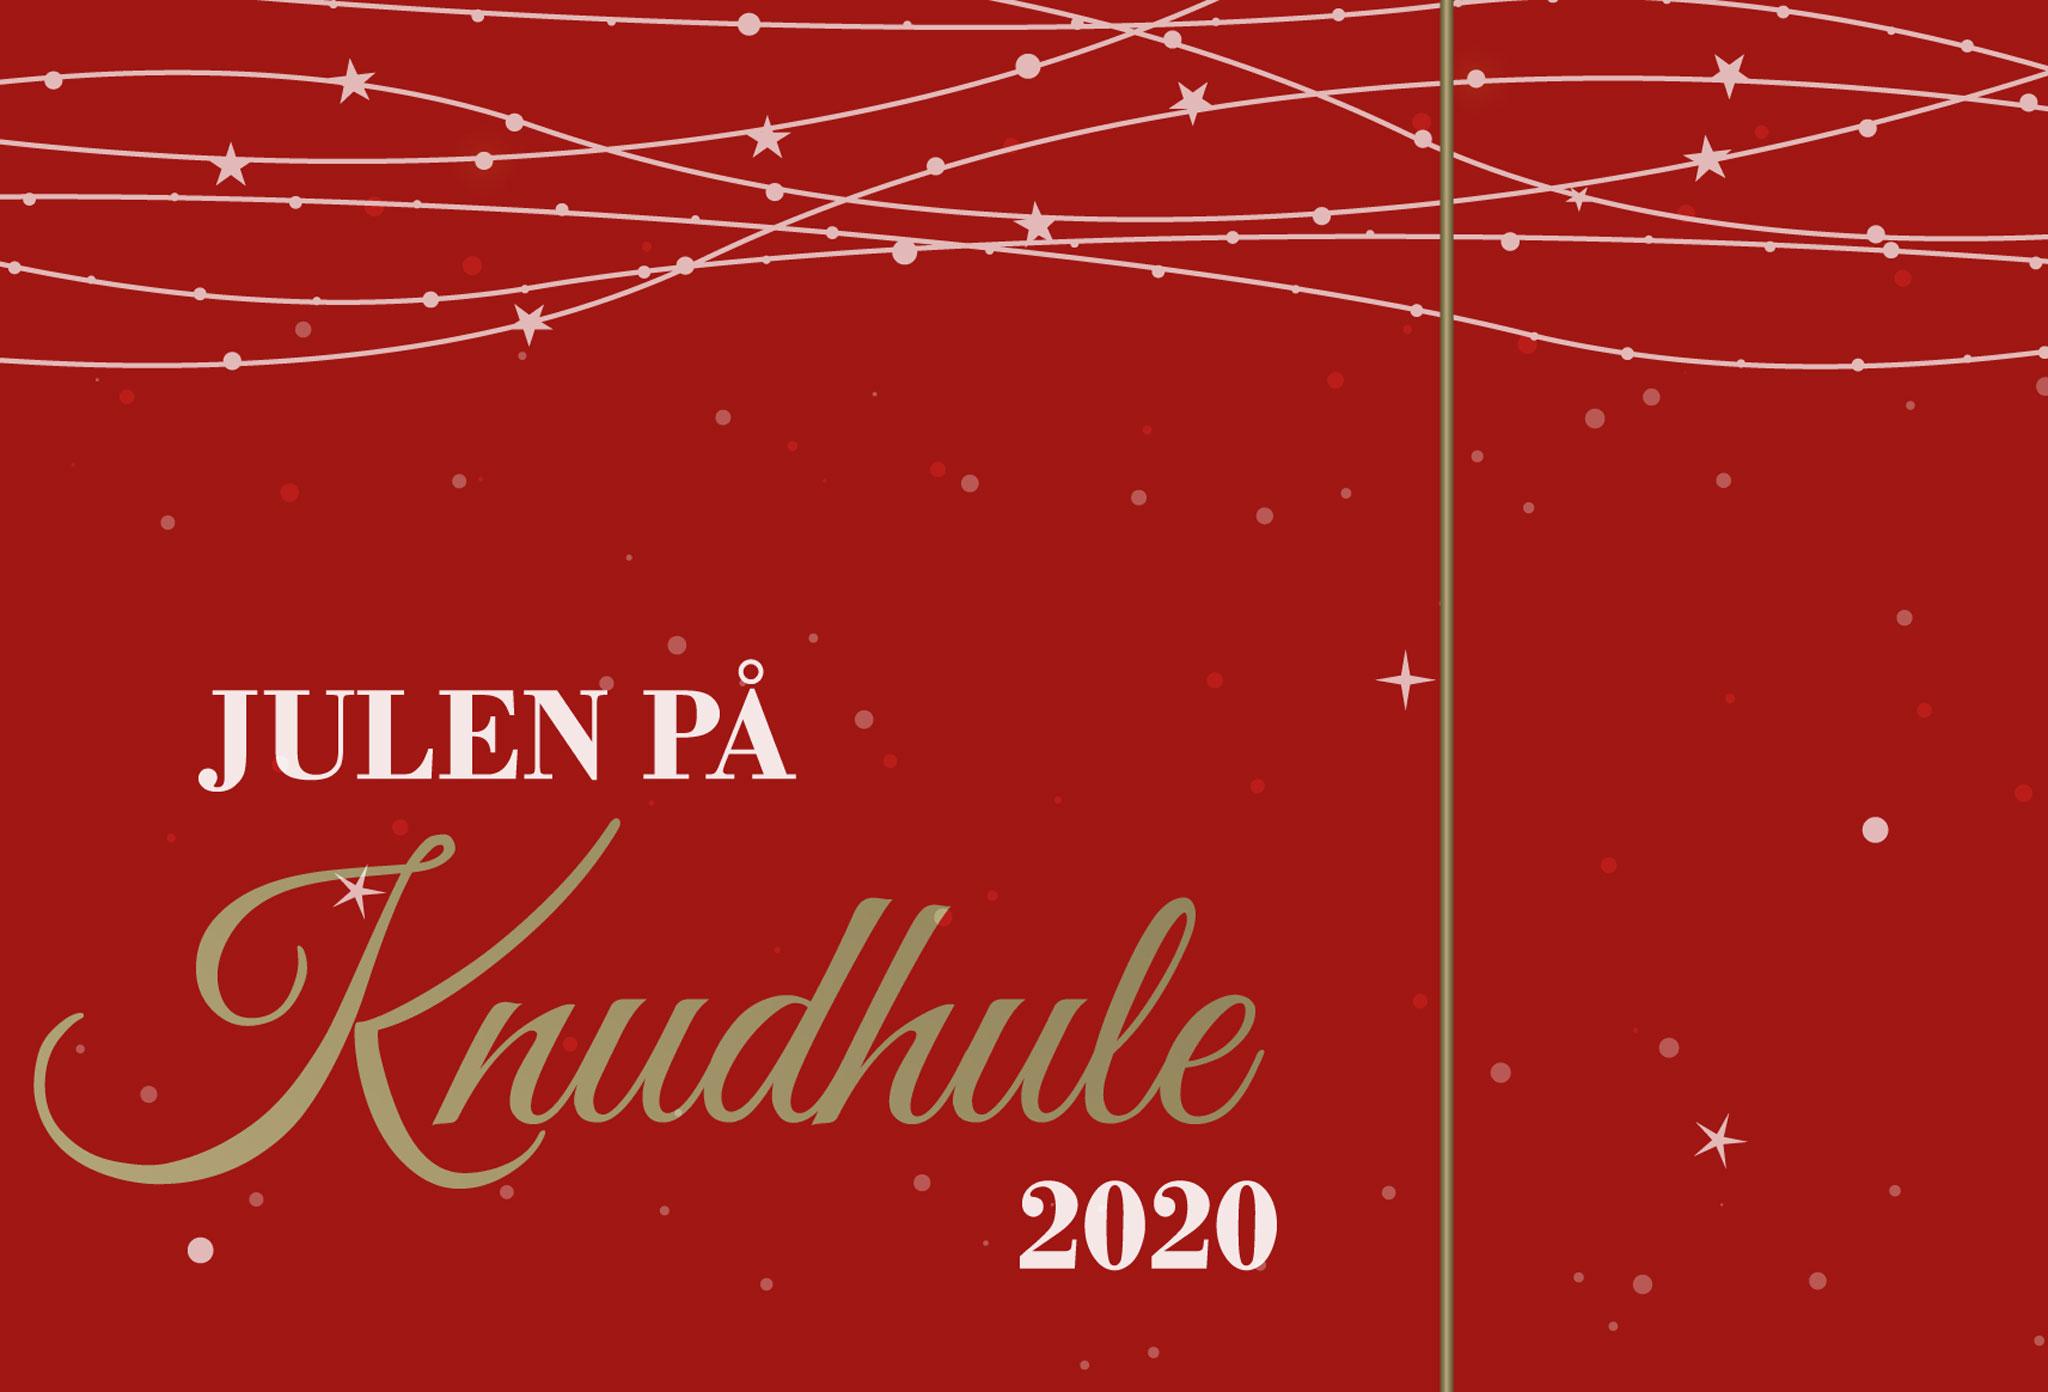 Knudhule-Badehotel_Jul-2020